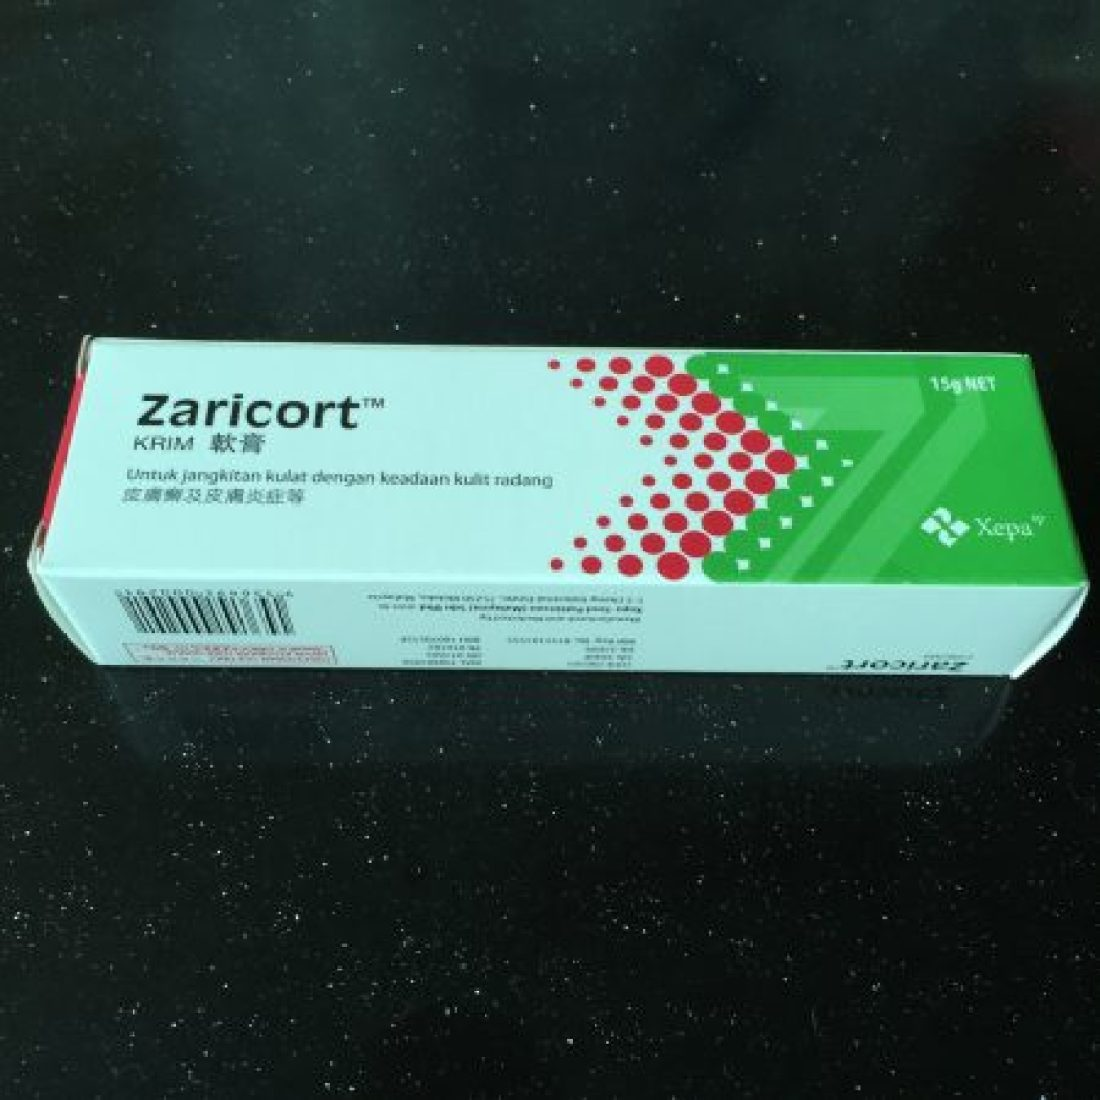 Zaricort